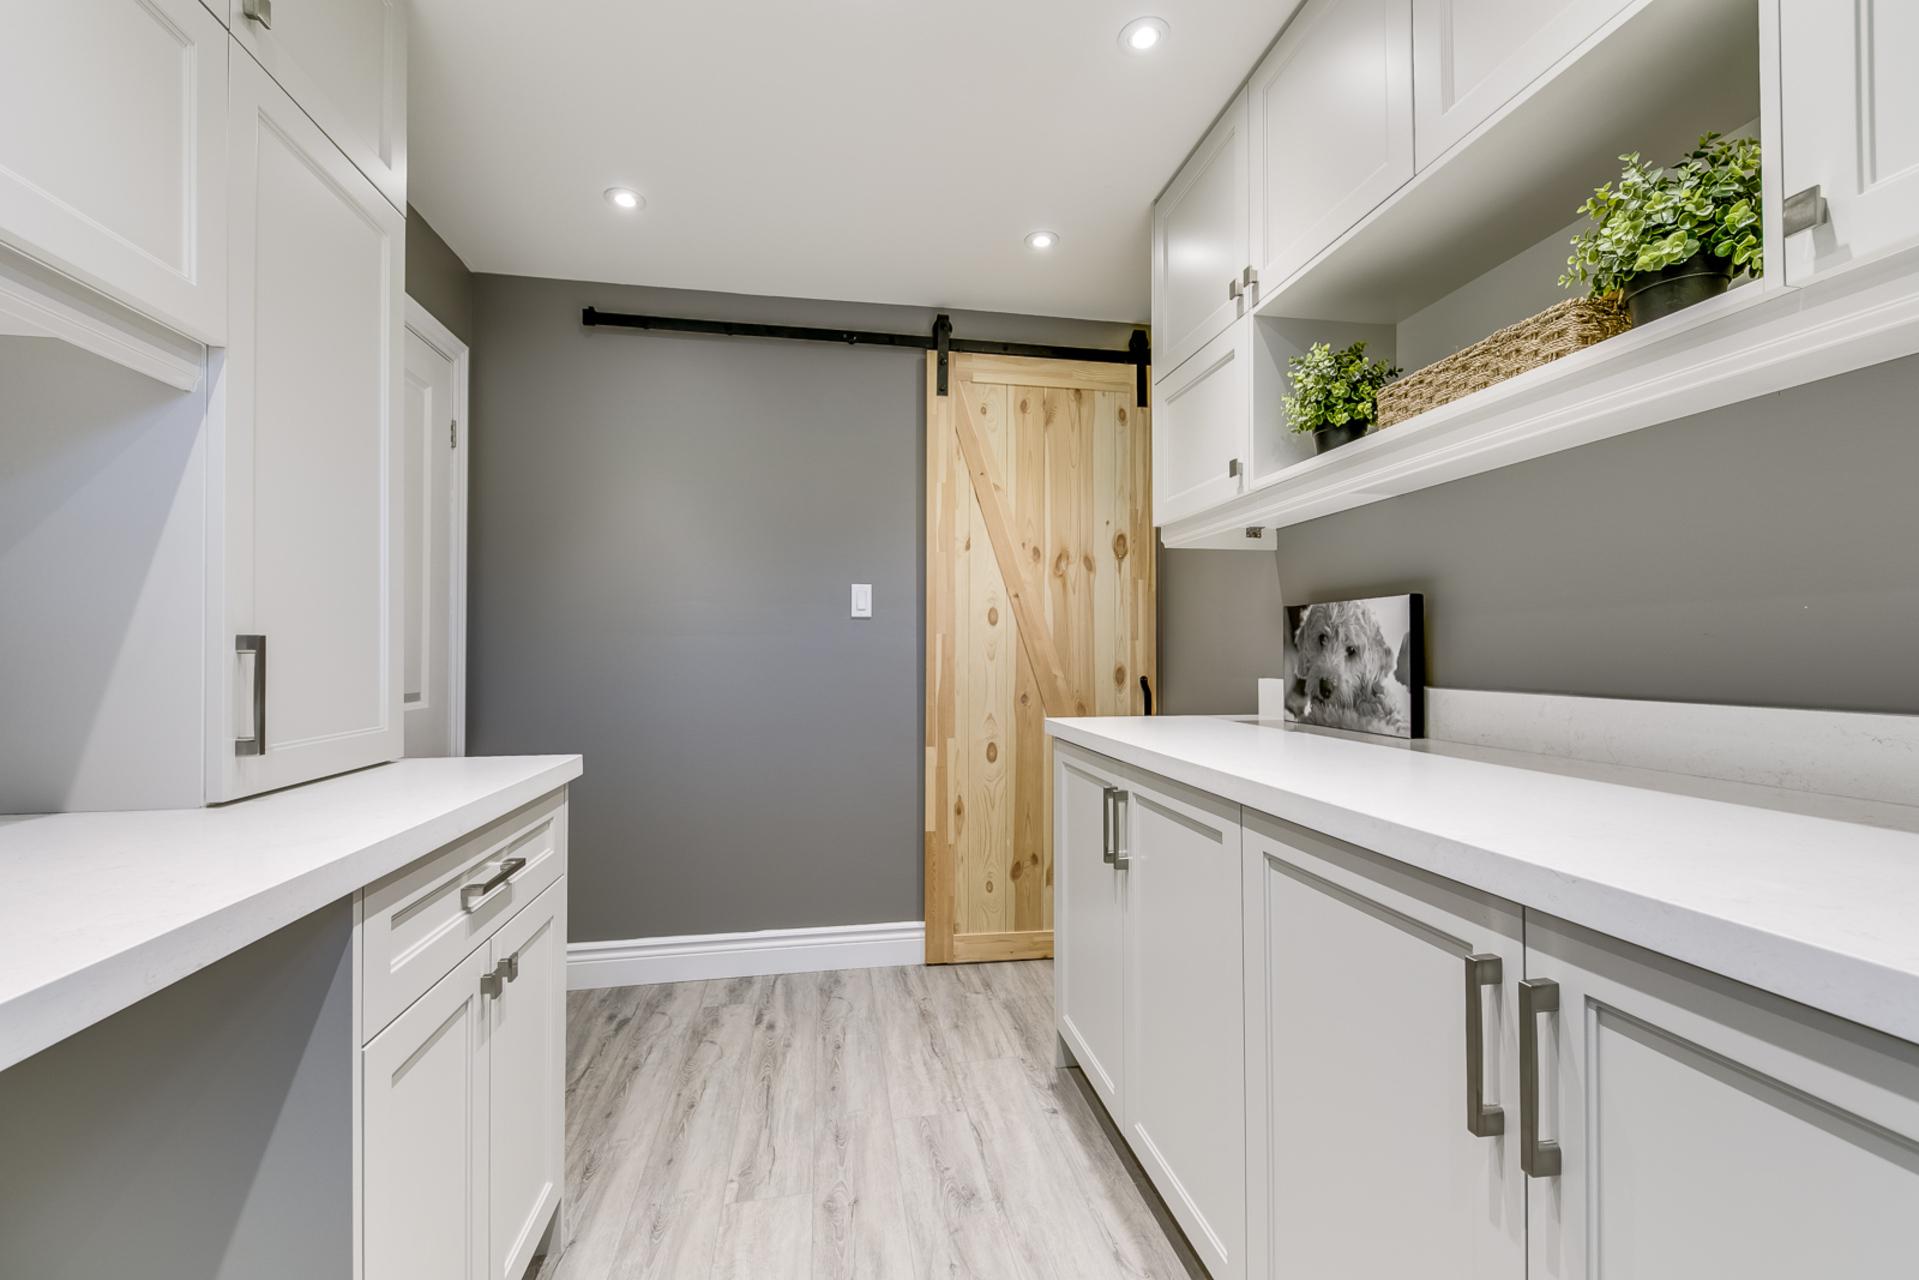 Laundry Room - 1195 Half Moon Lane, Oakville at 1195 Half Moon Lane, Iroquois Ridge South, Oakville